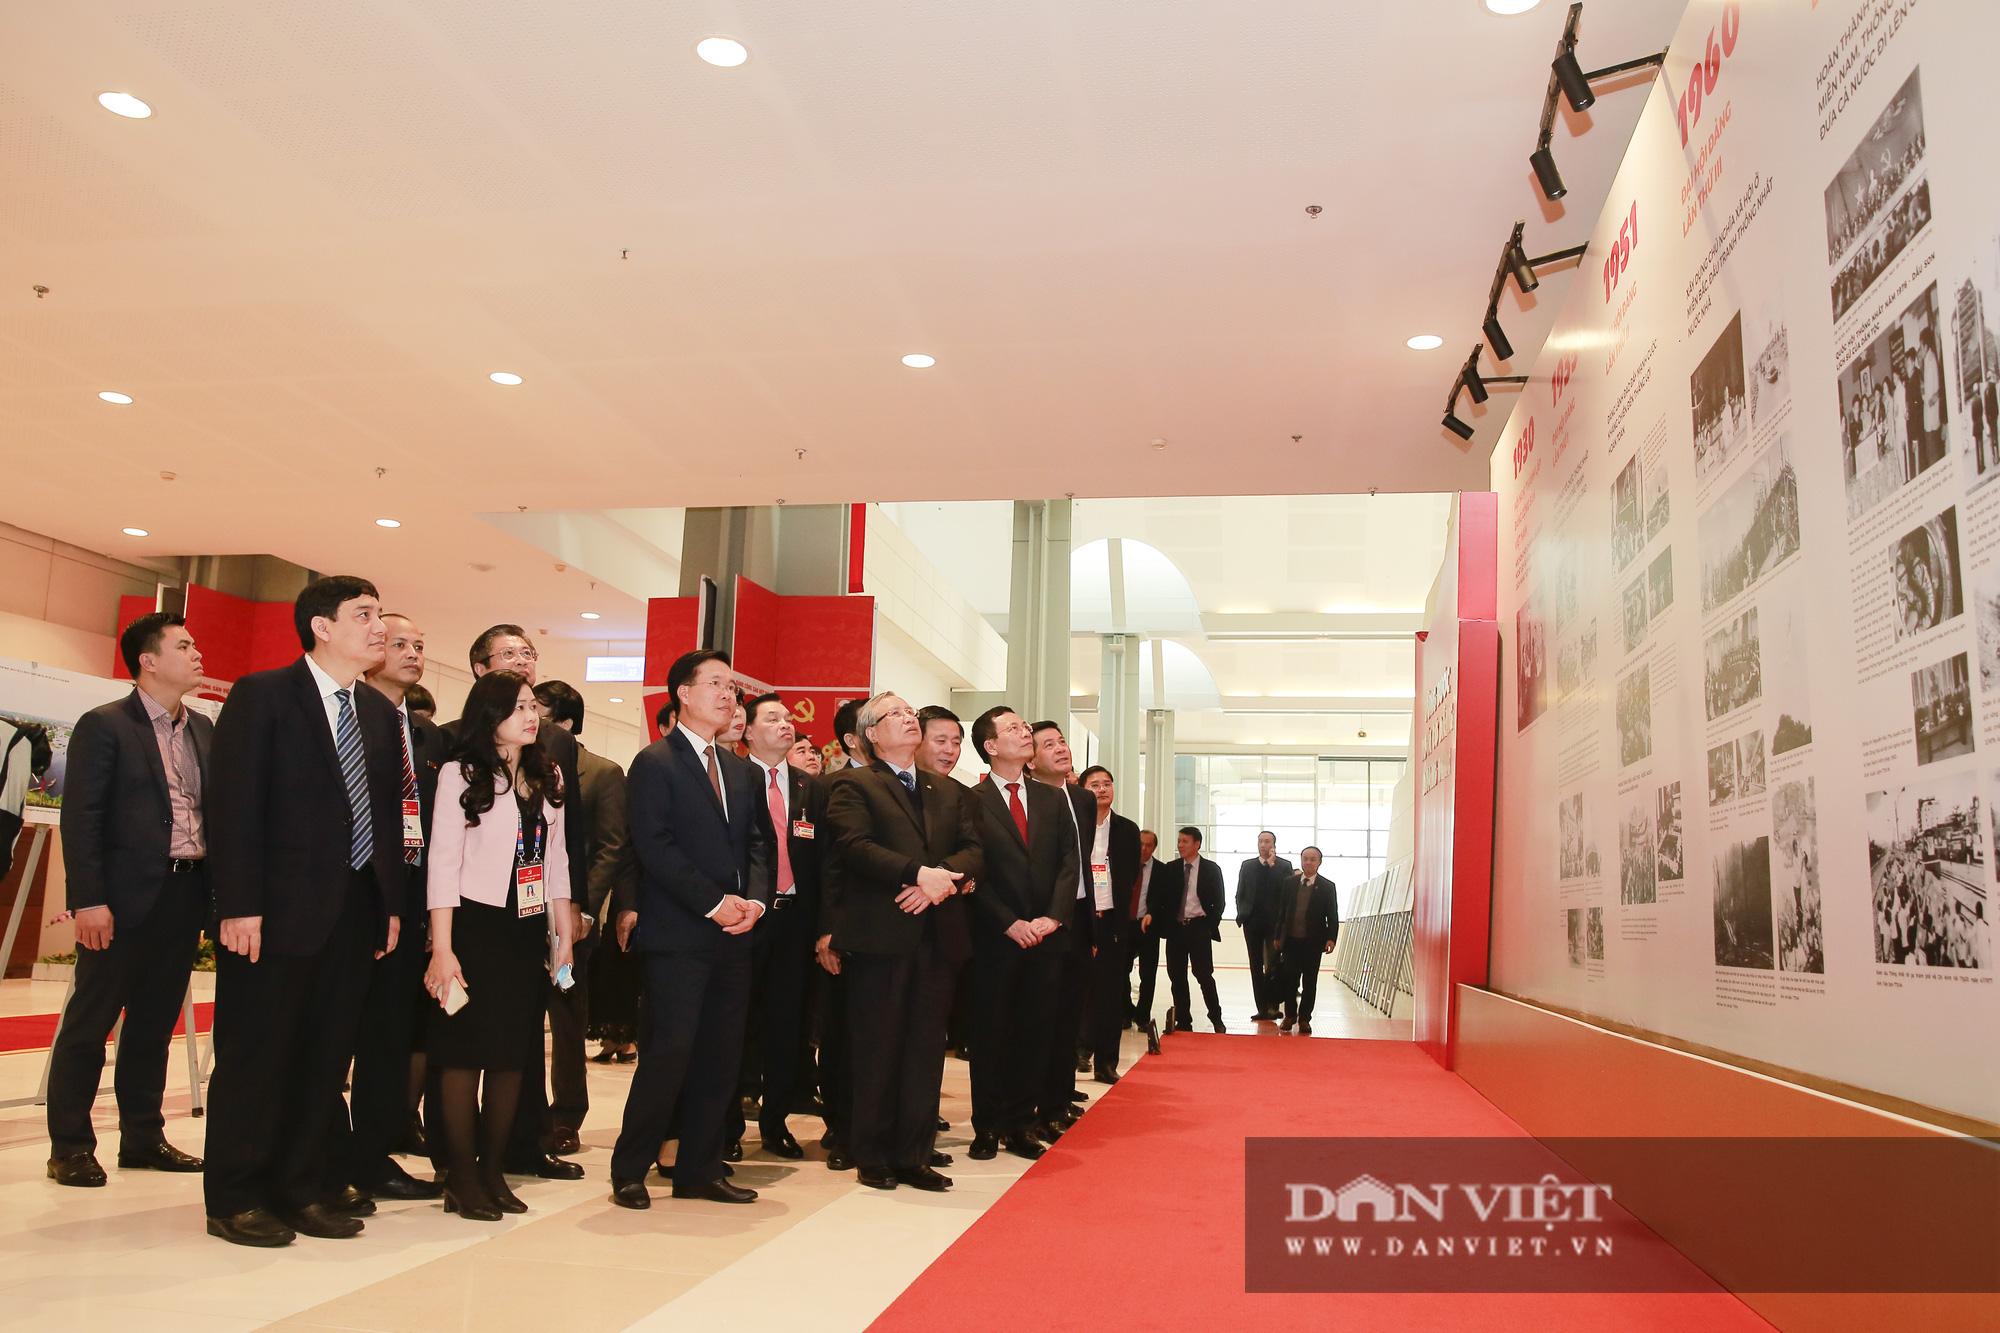 Khai trương trung tâm báo chí phục vụ Đại hội XIII của Đảng - Ảnh 5.